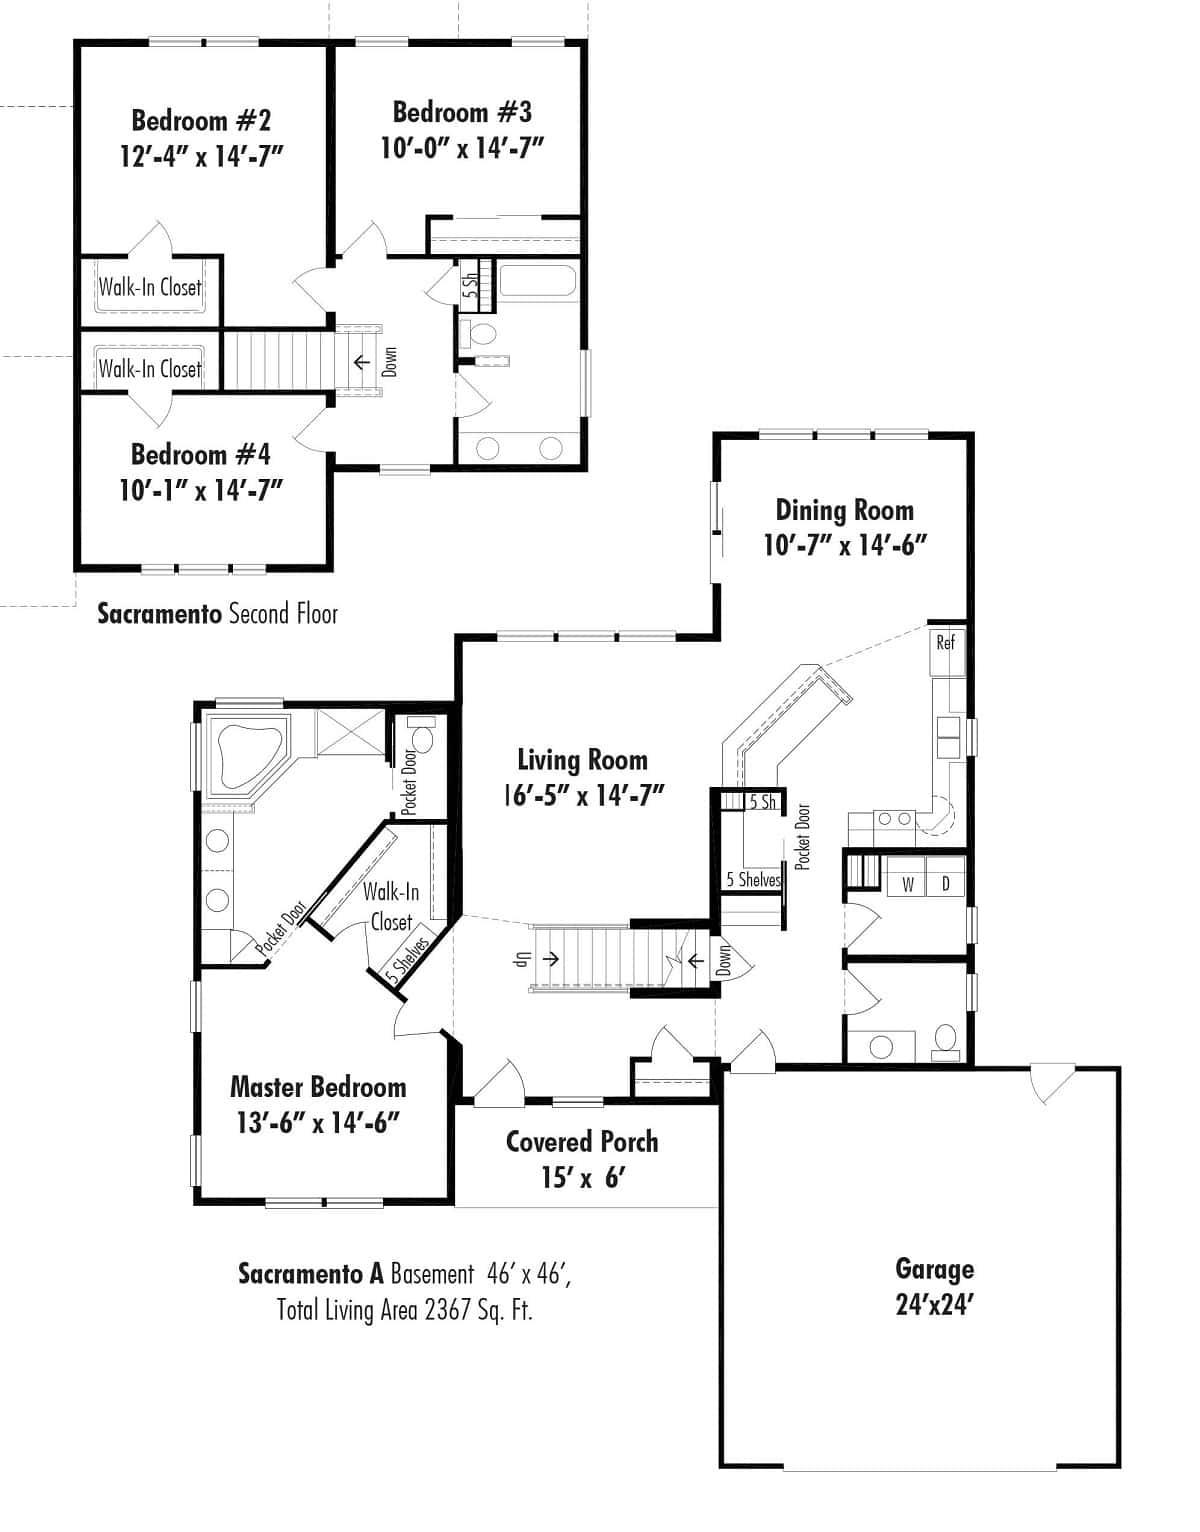 Unibilt Sacramento A Floorplan